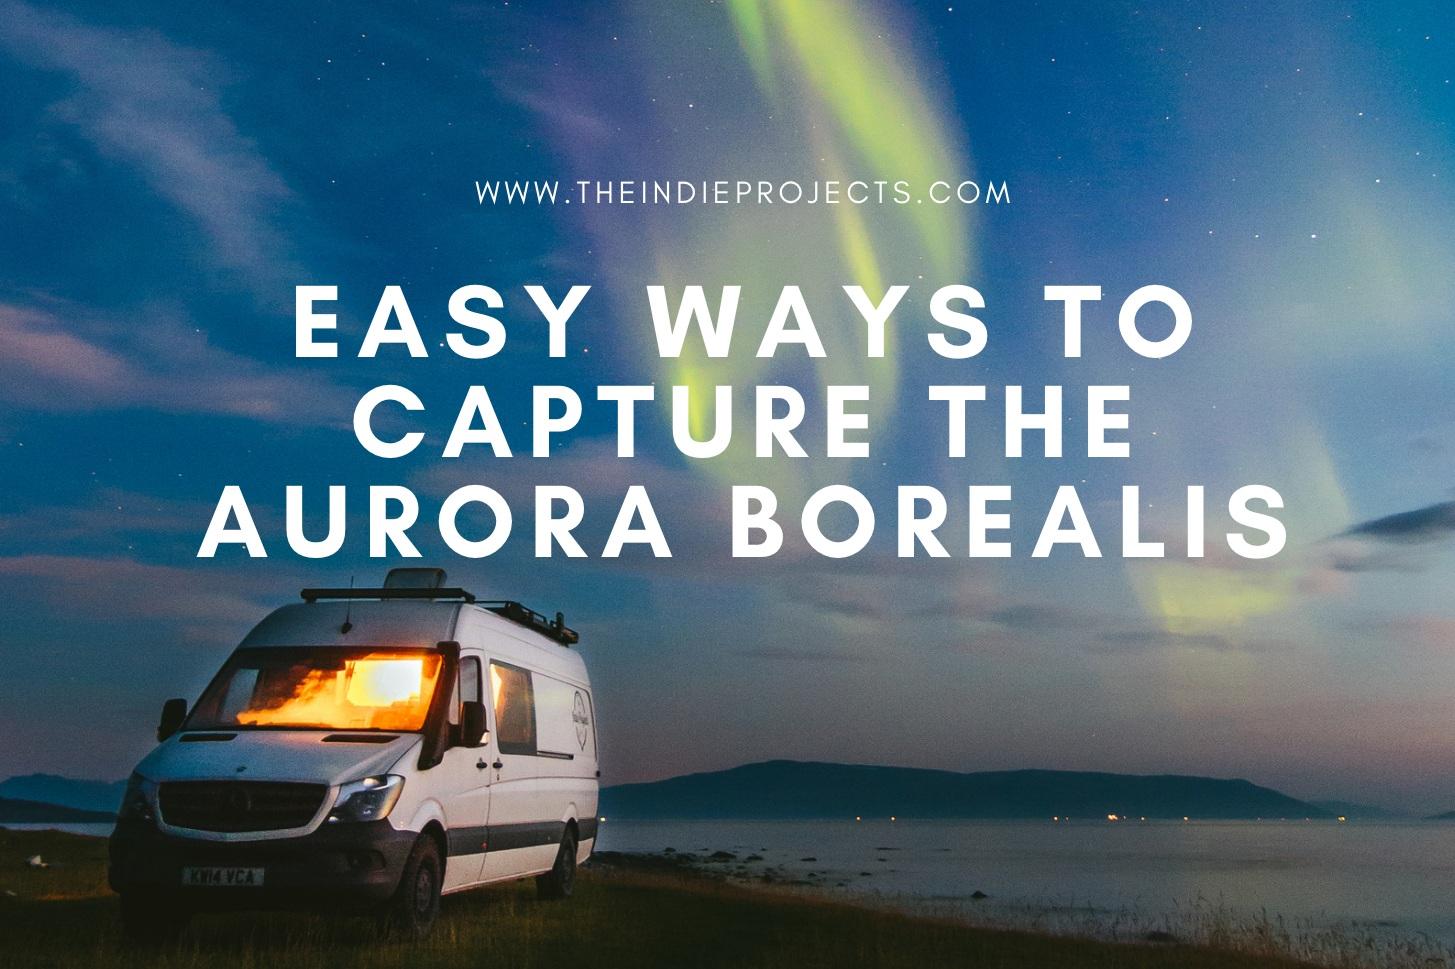 Easy Ways to Capture the Aurora Borealis